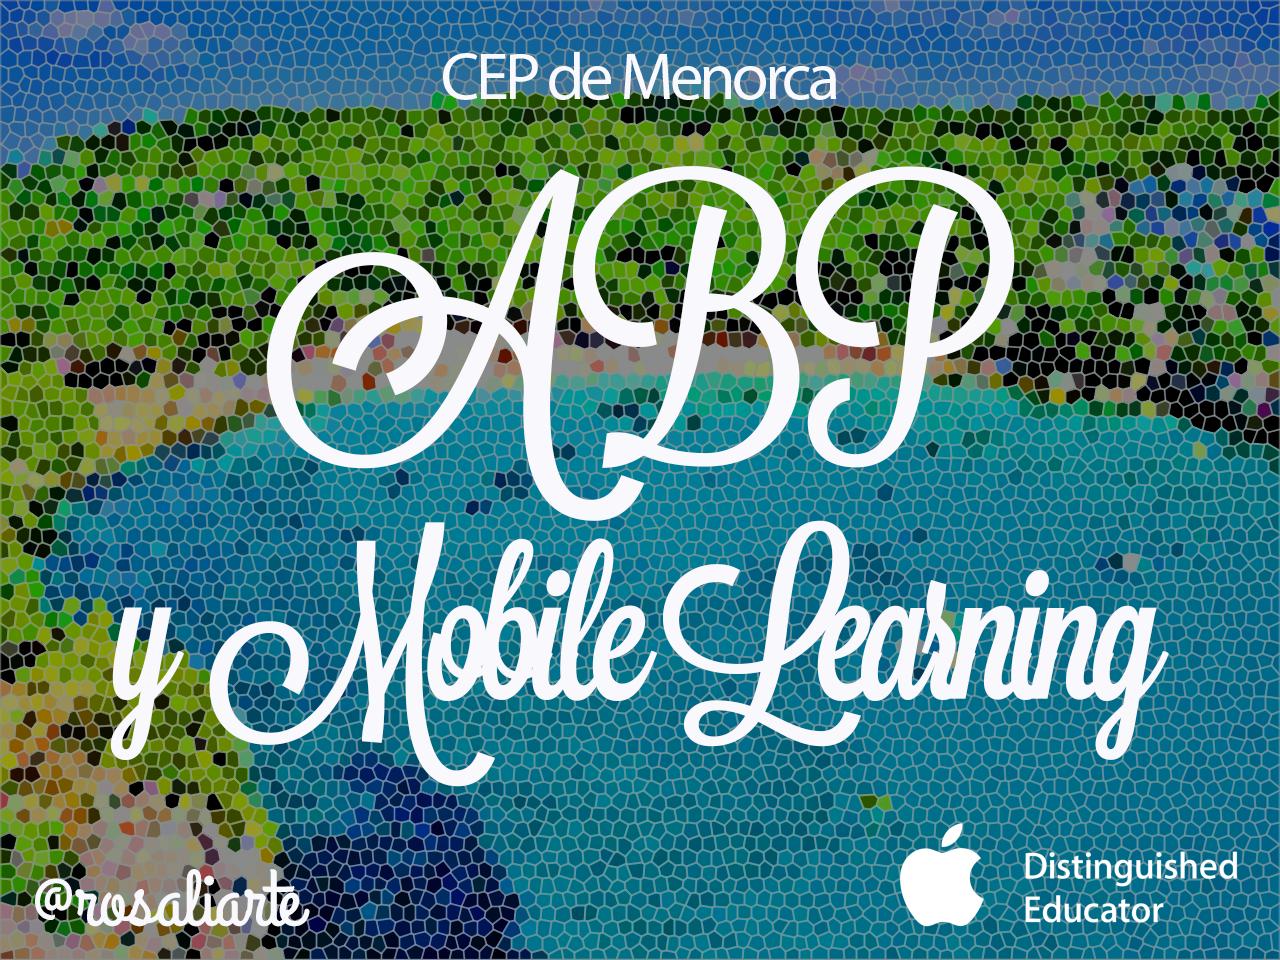 ABP y Mobile Learning en el CEP de Menorca